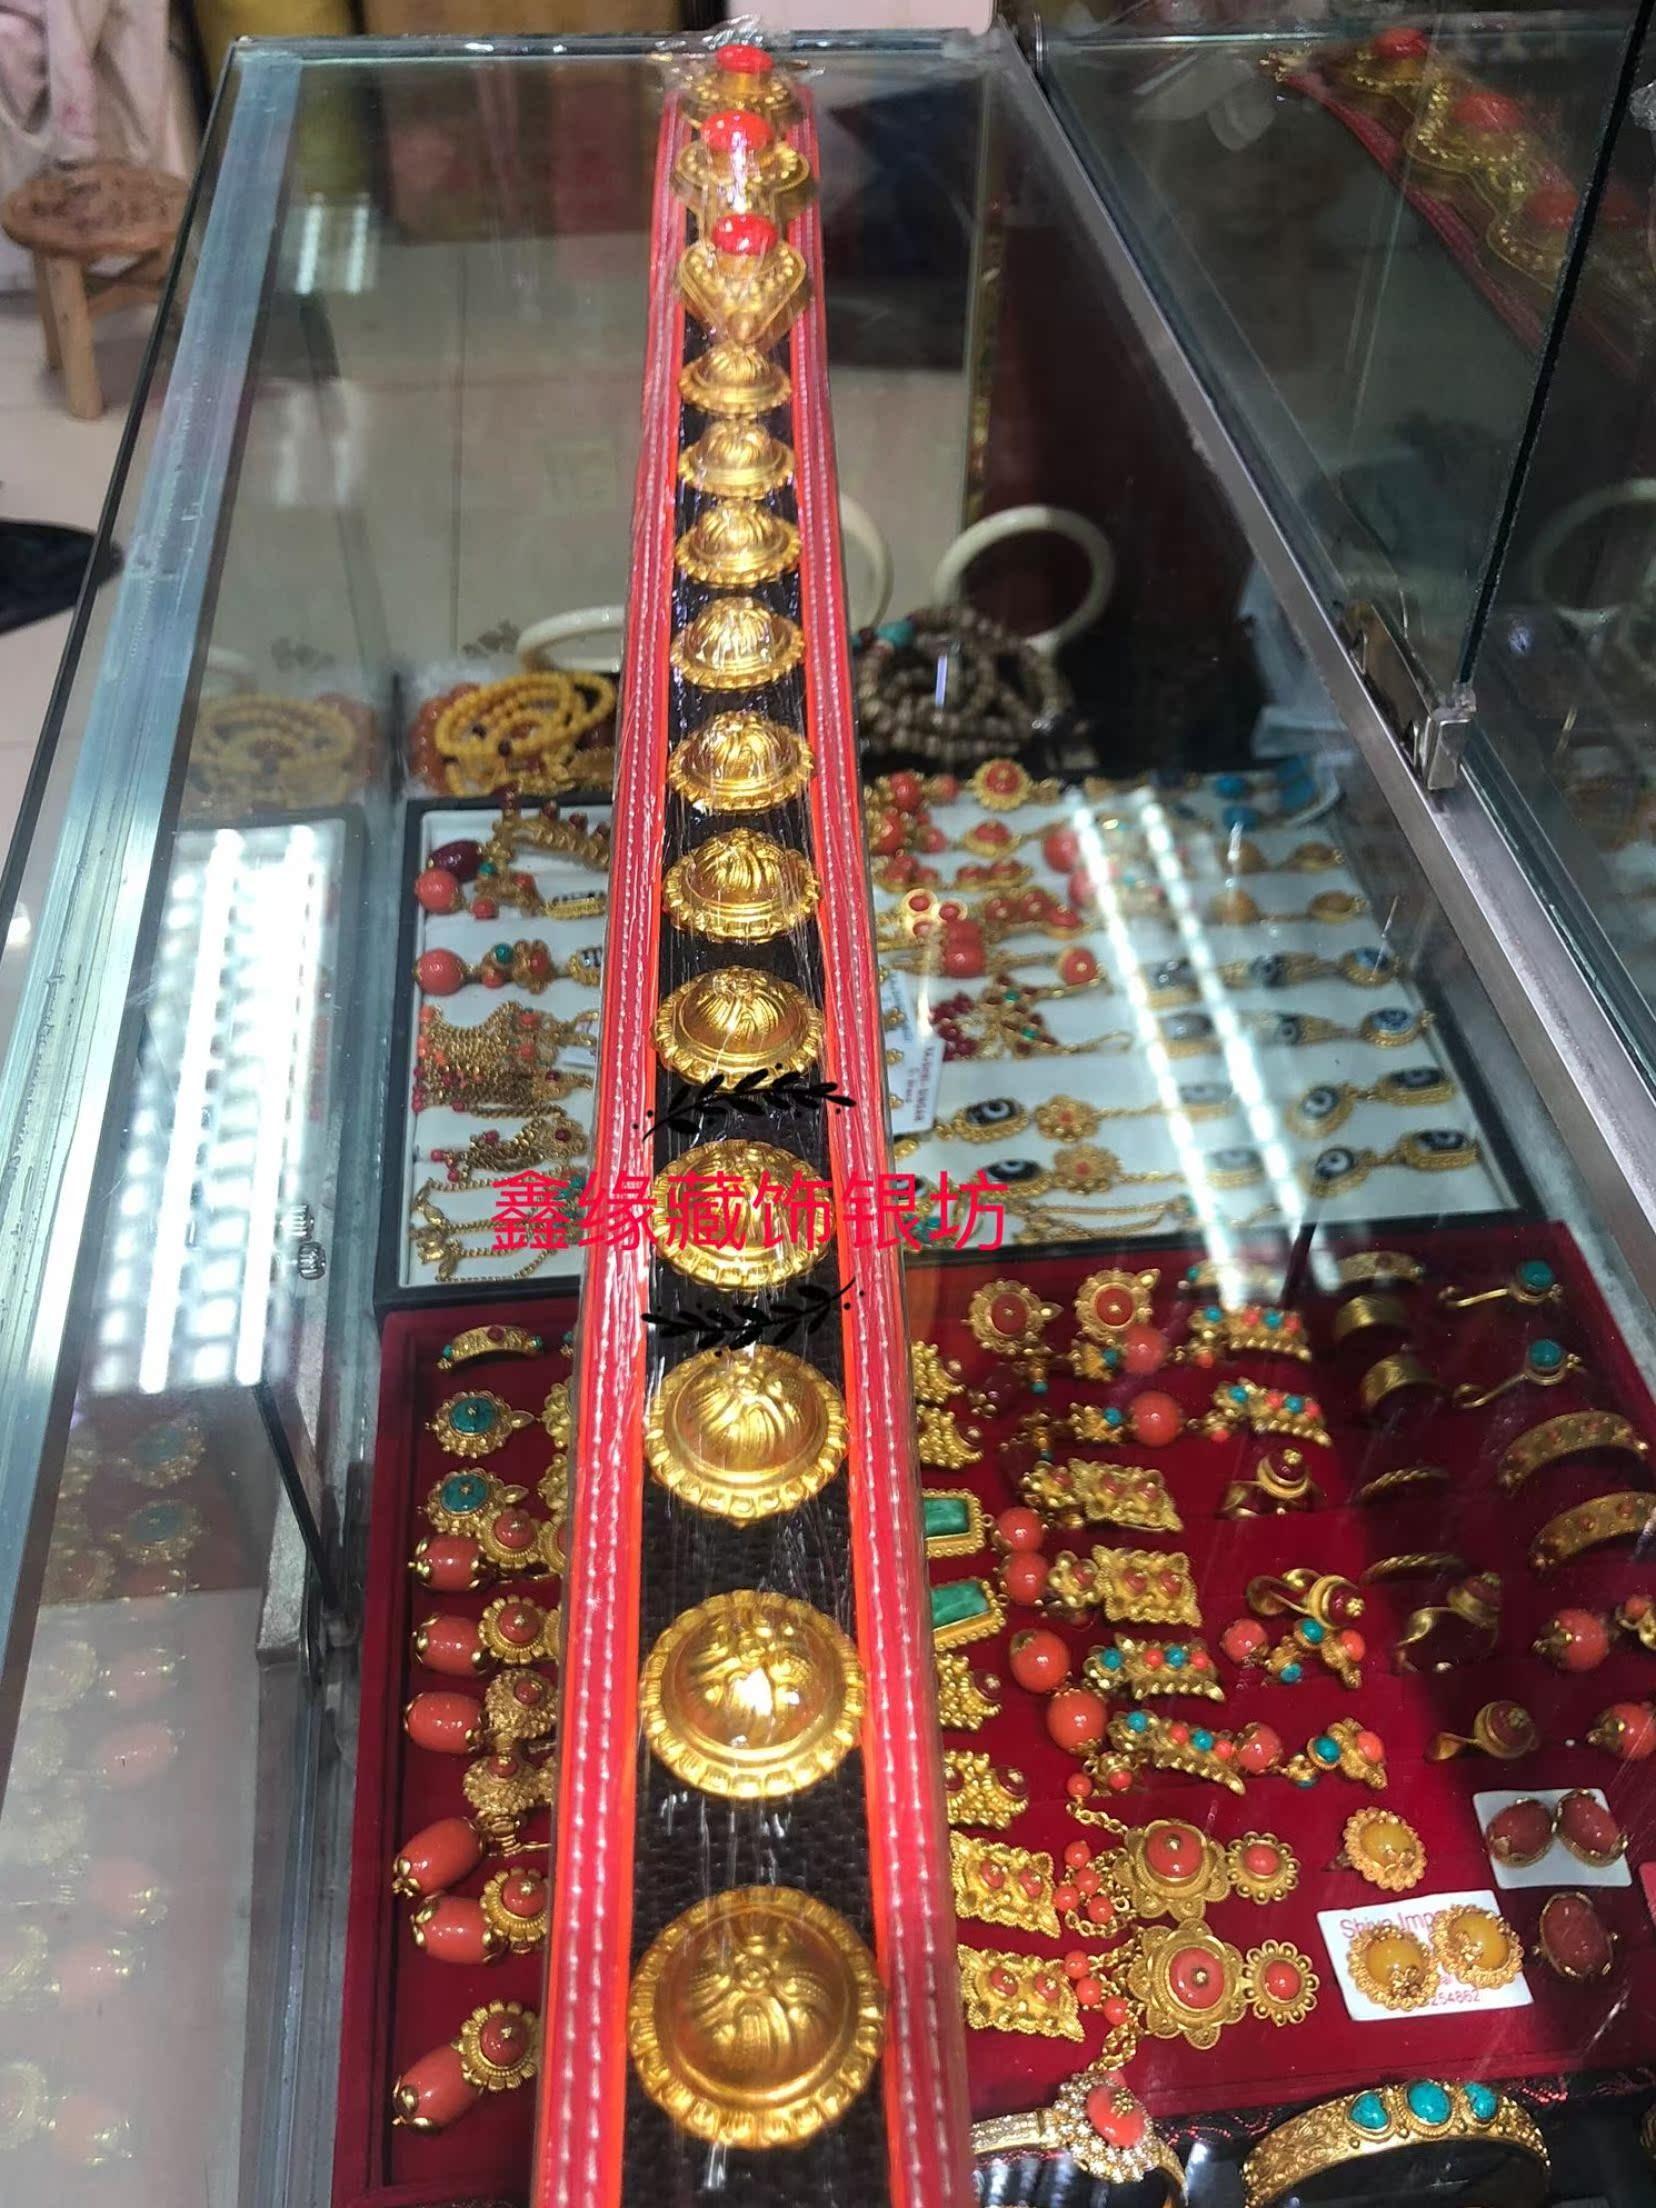 苏拉克夏尼泊尔传统藏式精品纯手工黄铜镀金藏族藏式腰间配饰腰带